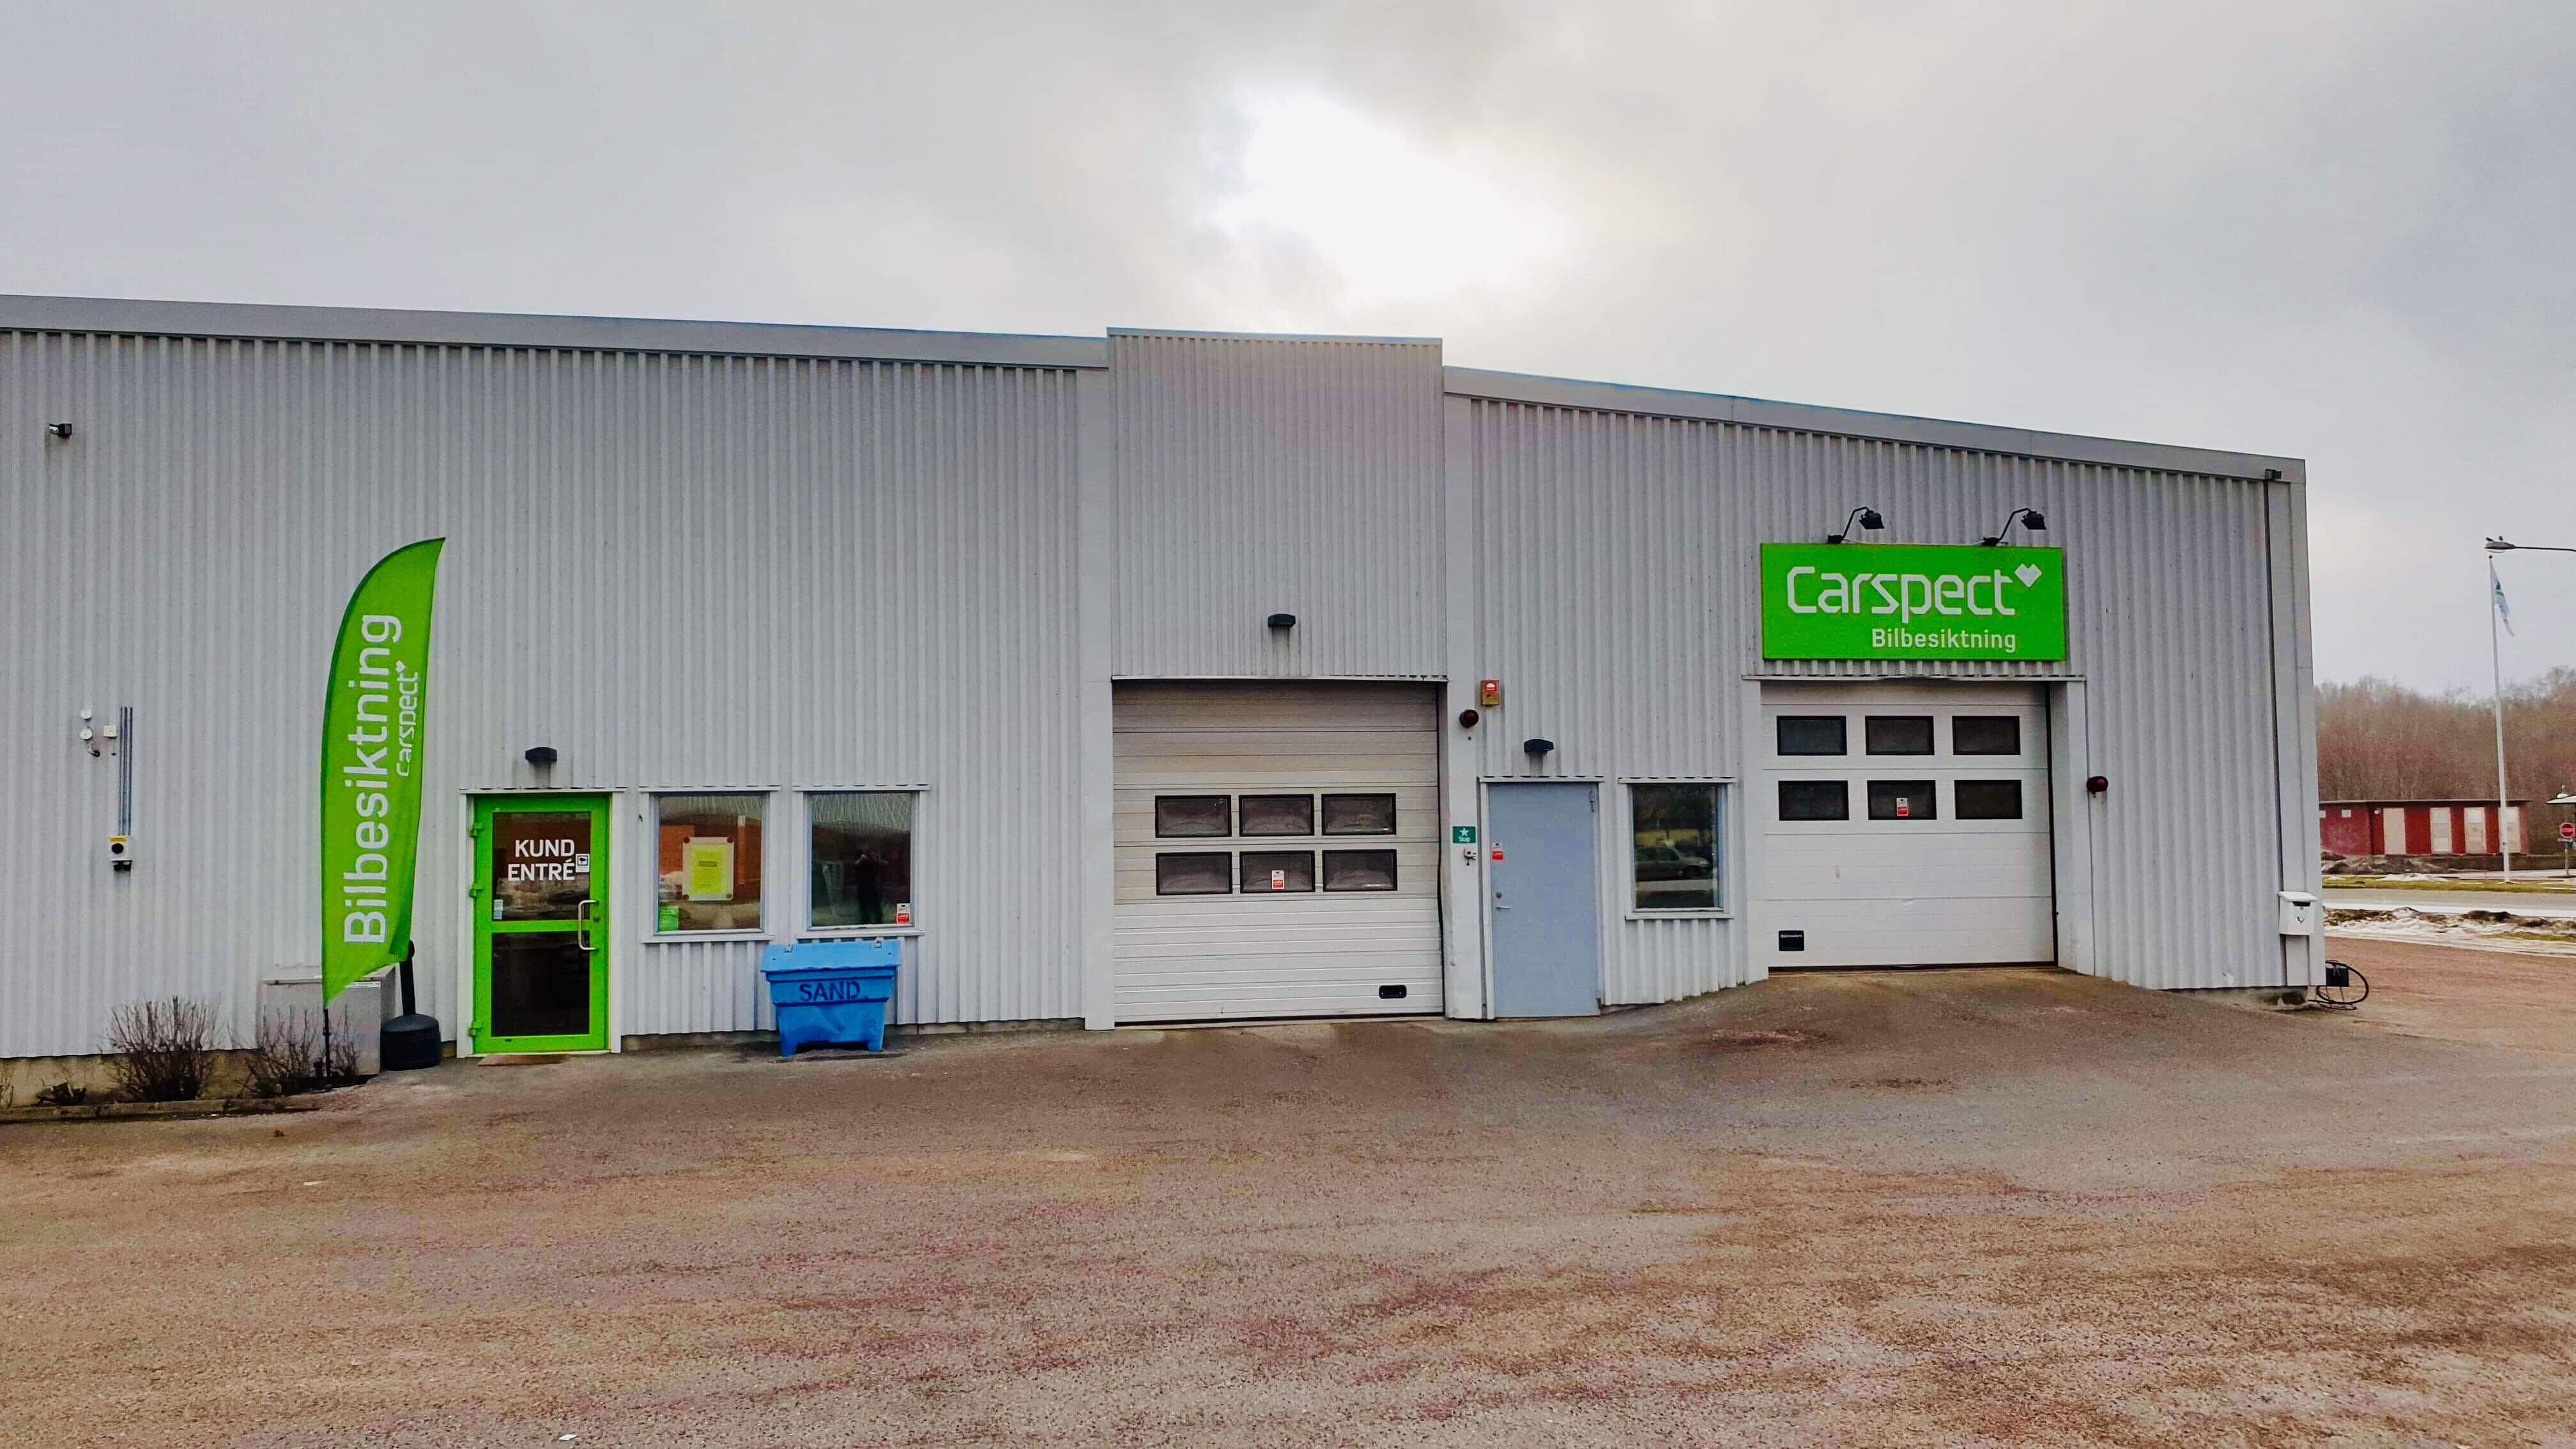 Carspects besiktningsstation i Spelhagen, Nyköping